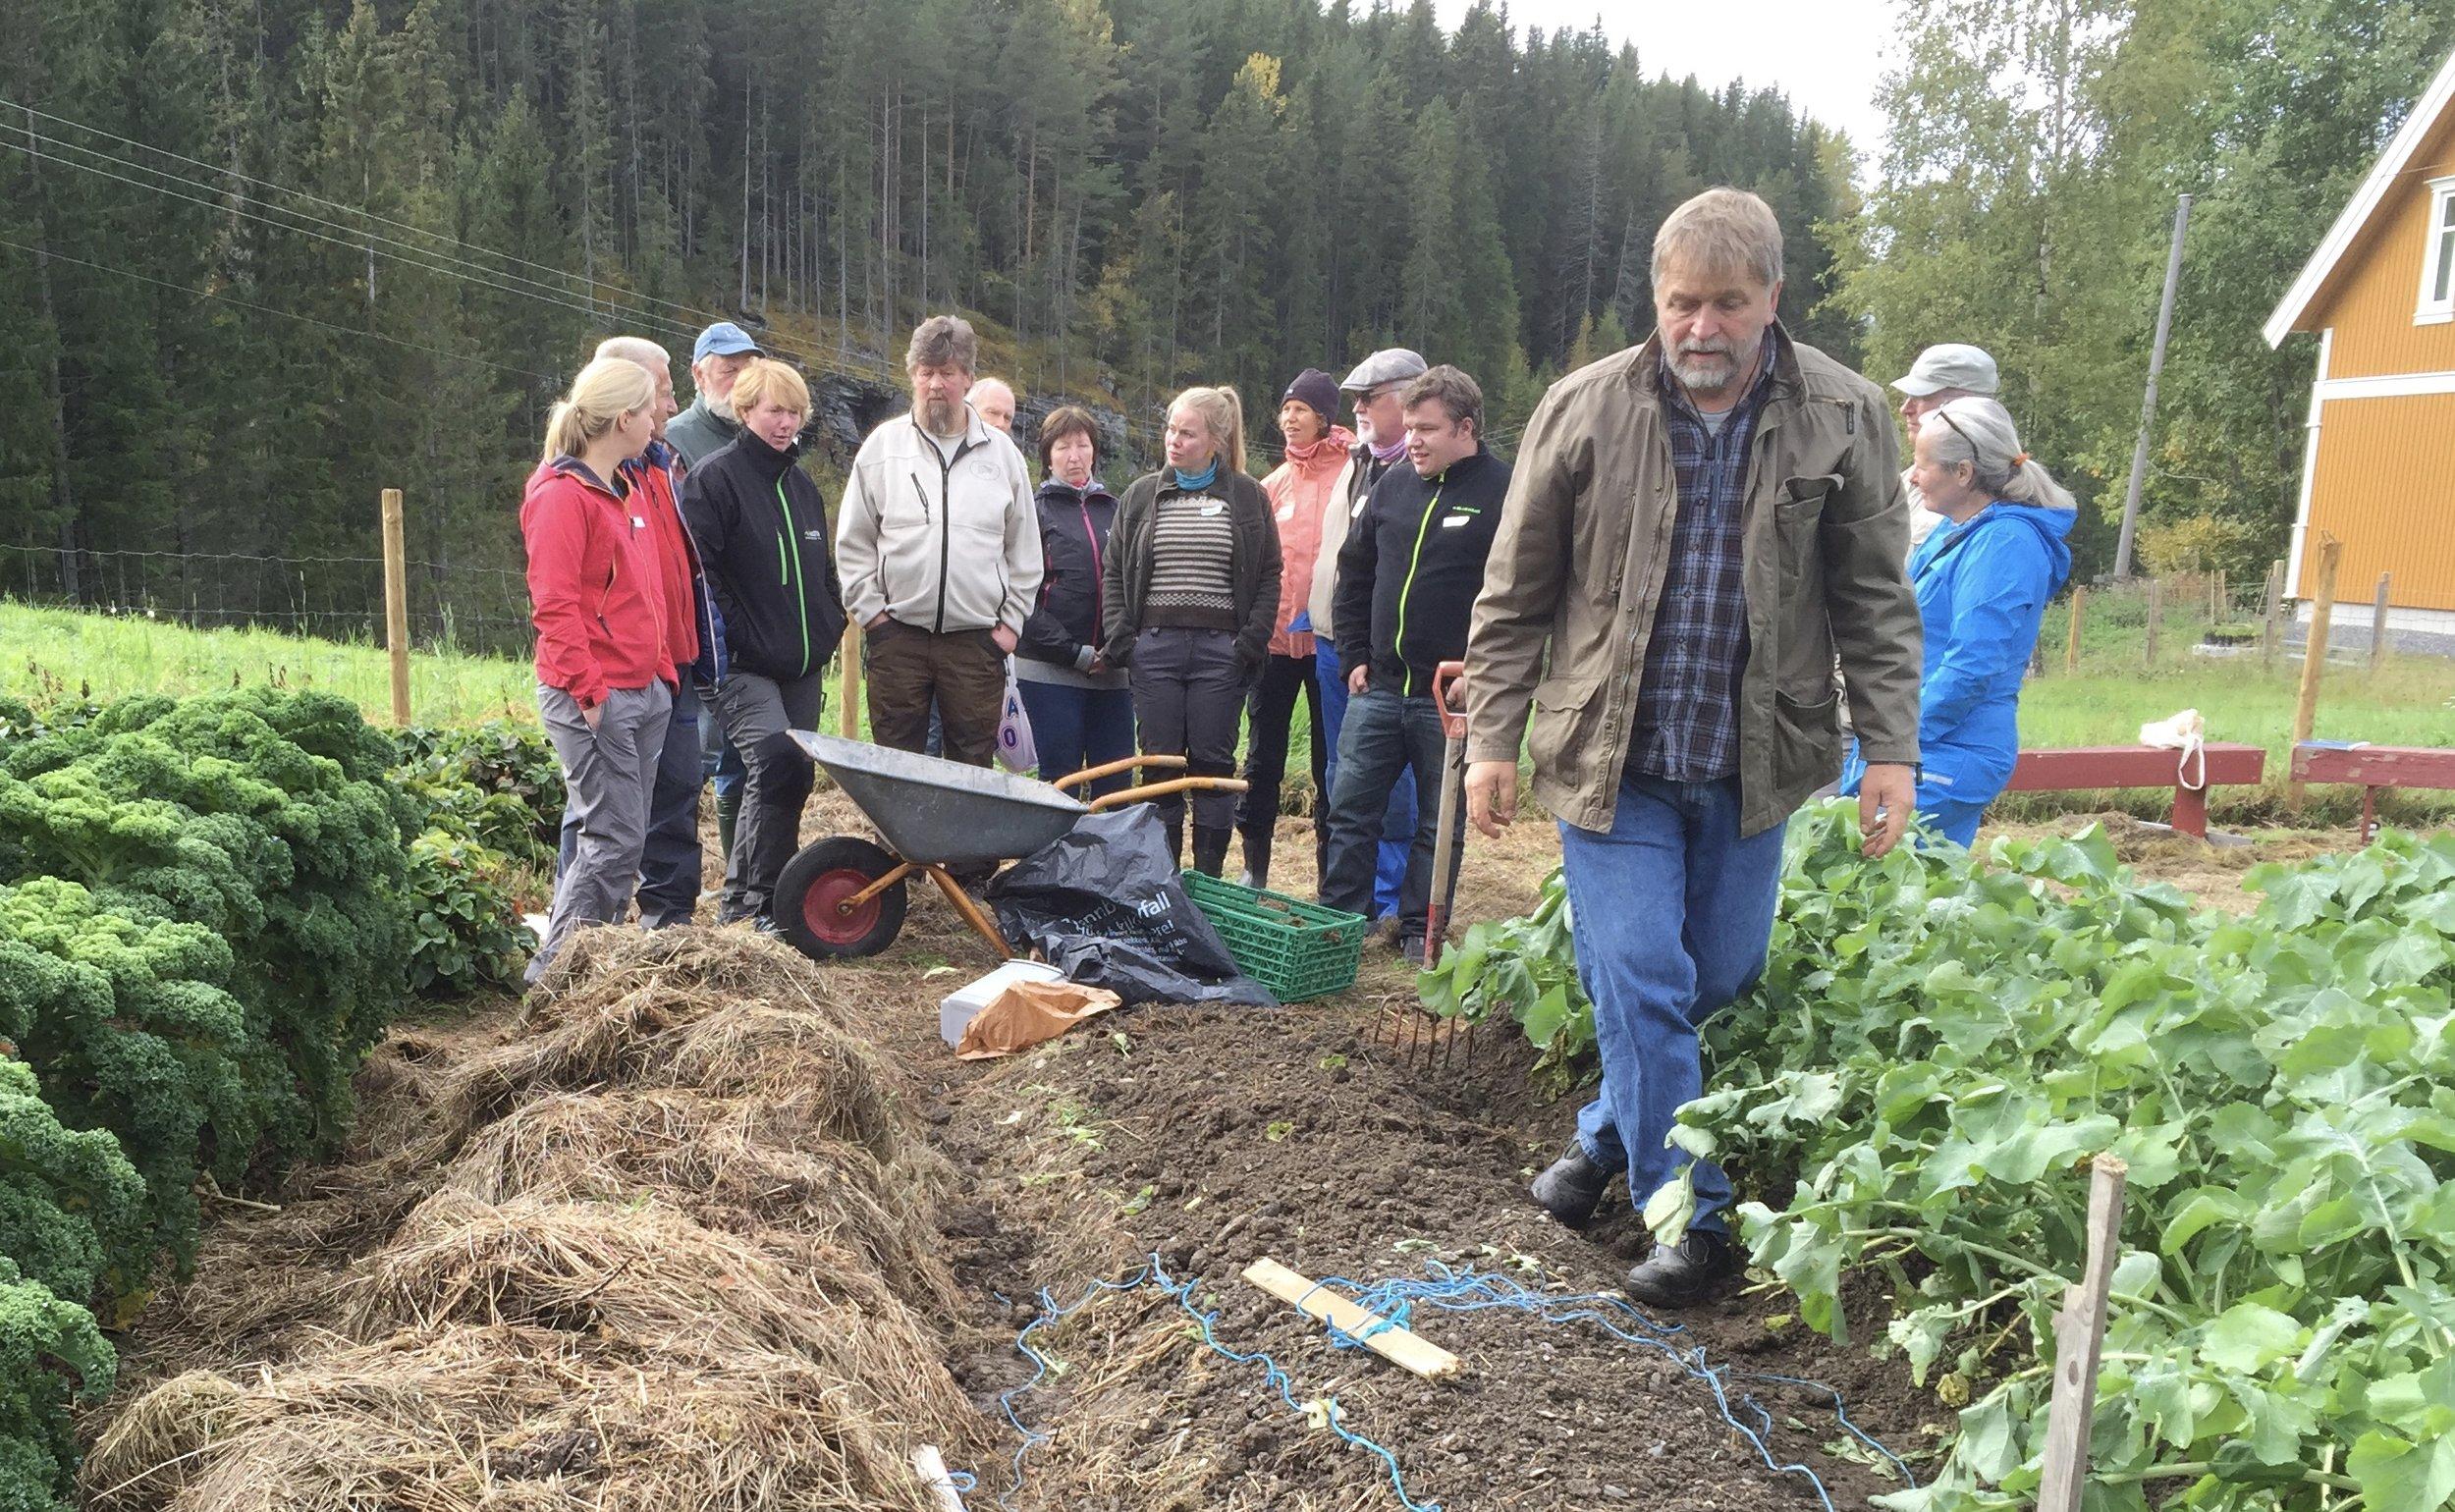 Å samle og å videreformidle kunnskap om dyrking er en viktig del av Datsjas arbeid.